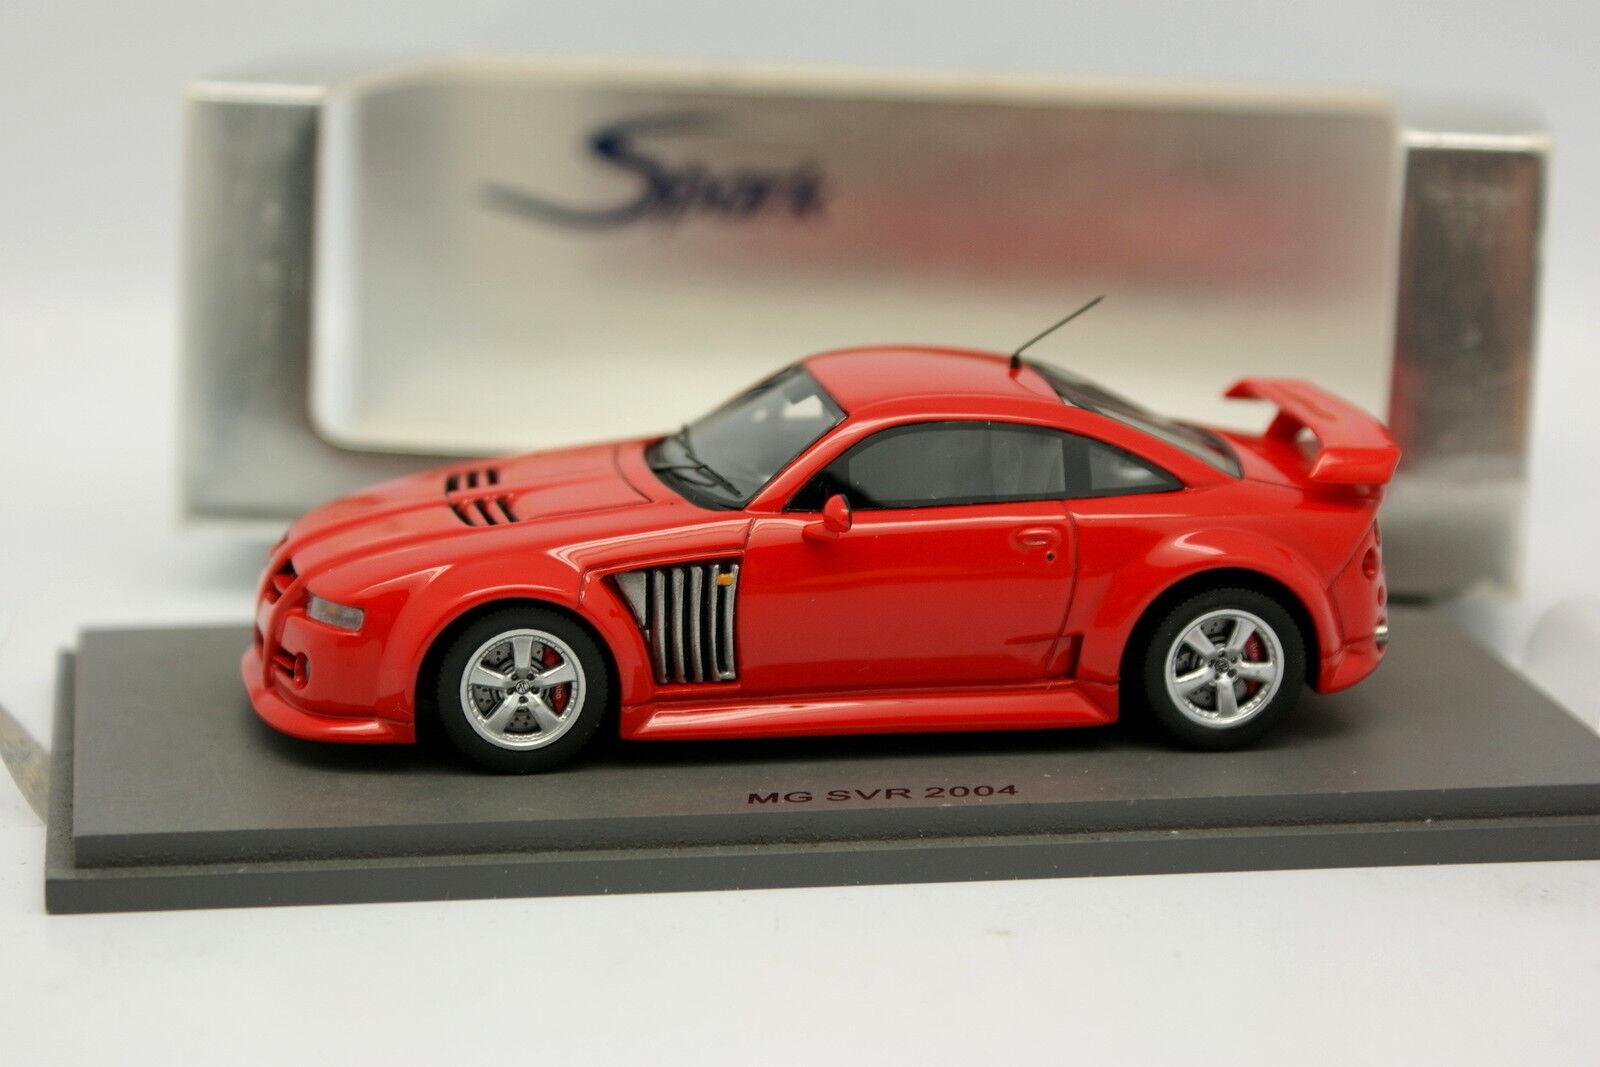 Spark 1 43 - MG SVR red 2004